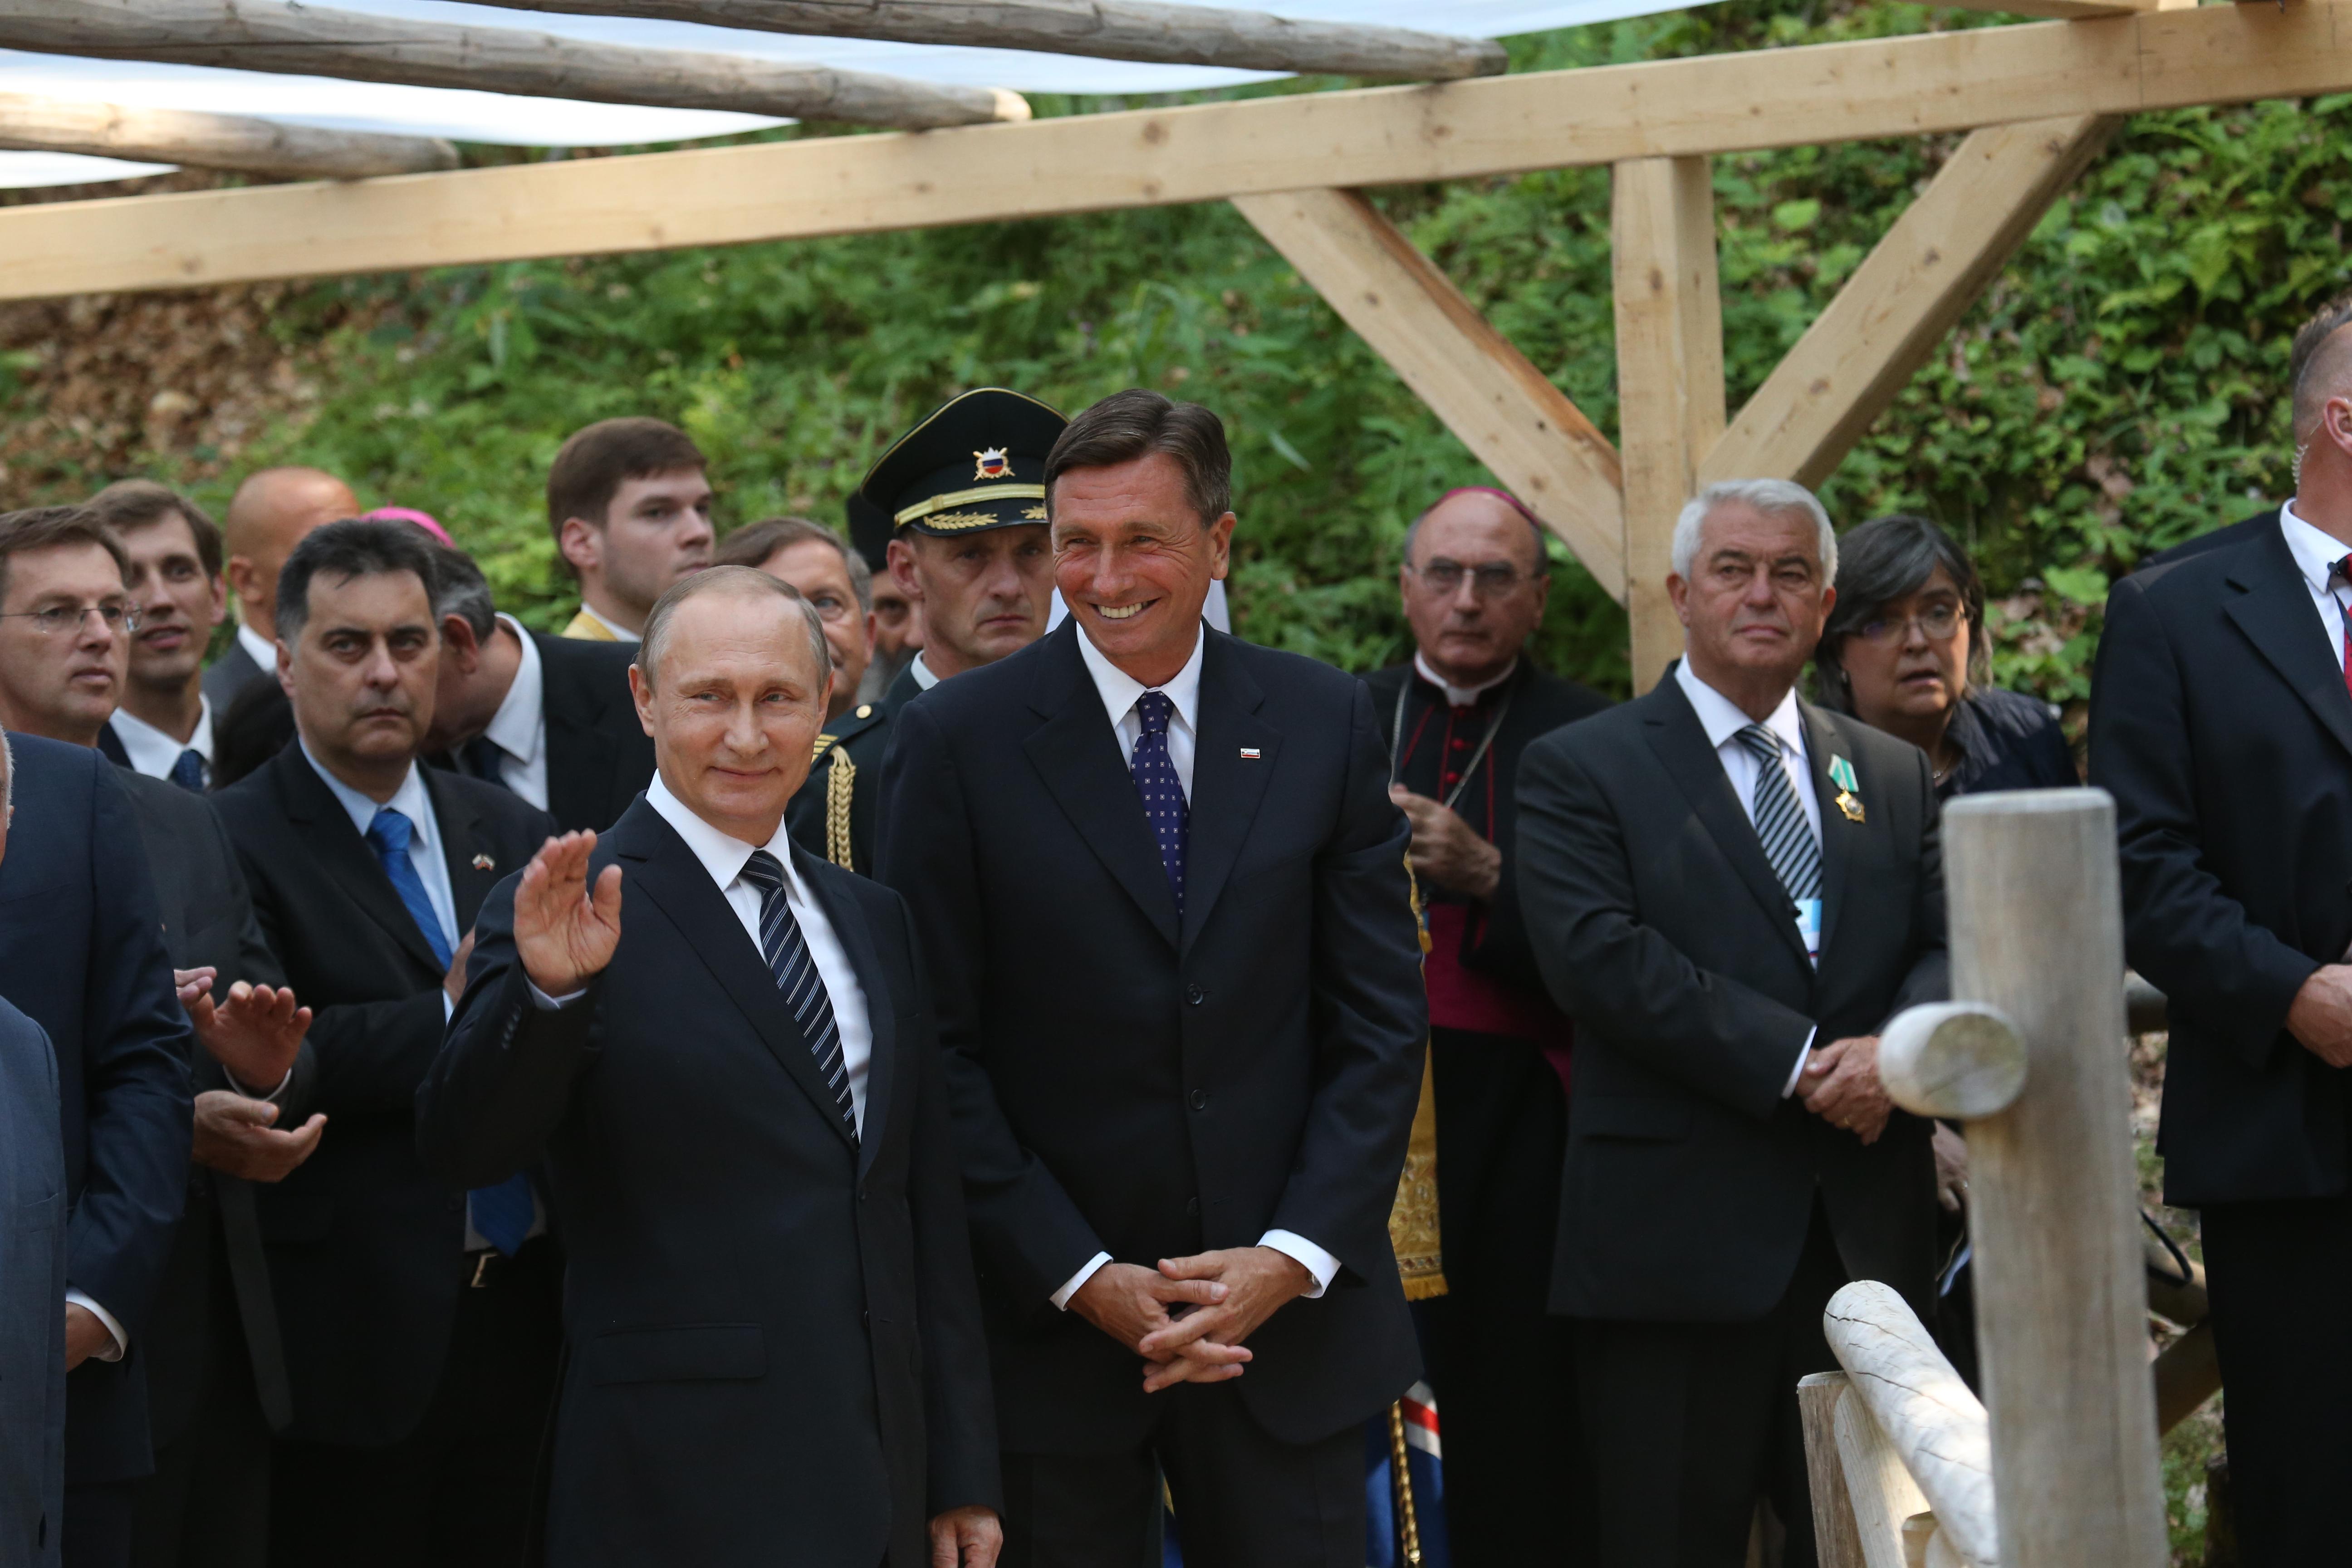 Ruski predsednik Vladimir Putin maha obiskovalcem, ki so ga na Vršiču zelo lepo sprejeli.